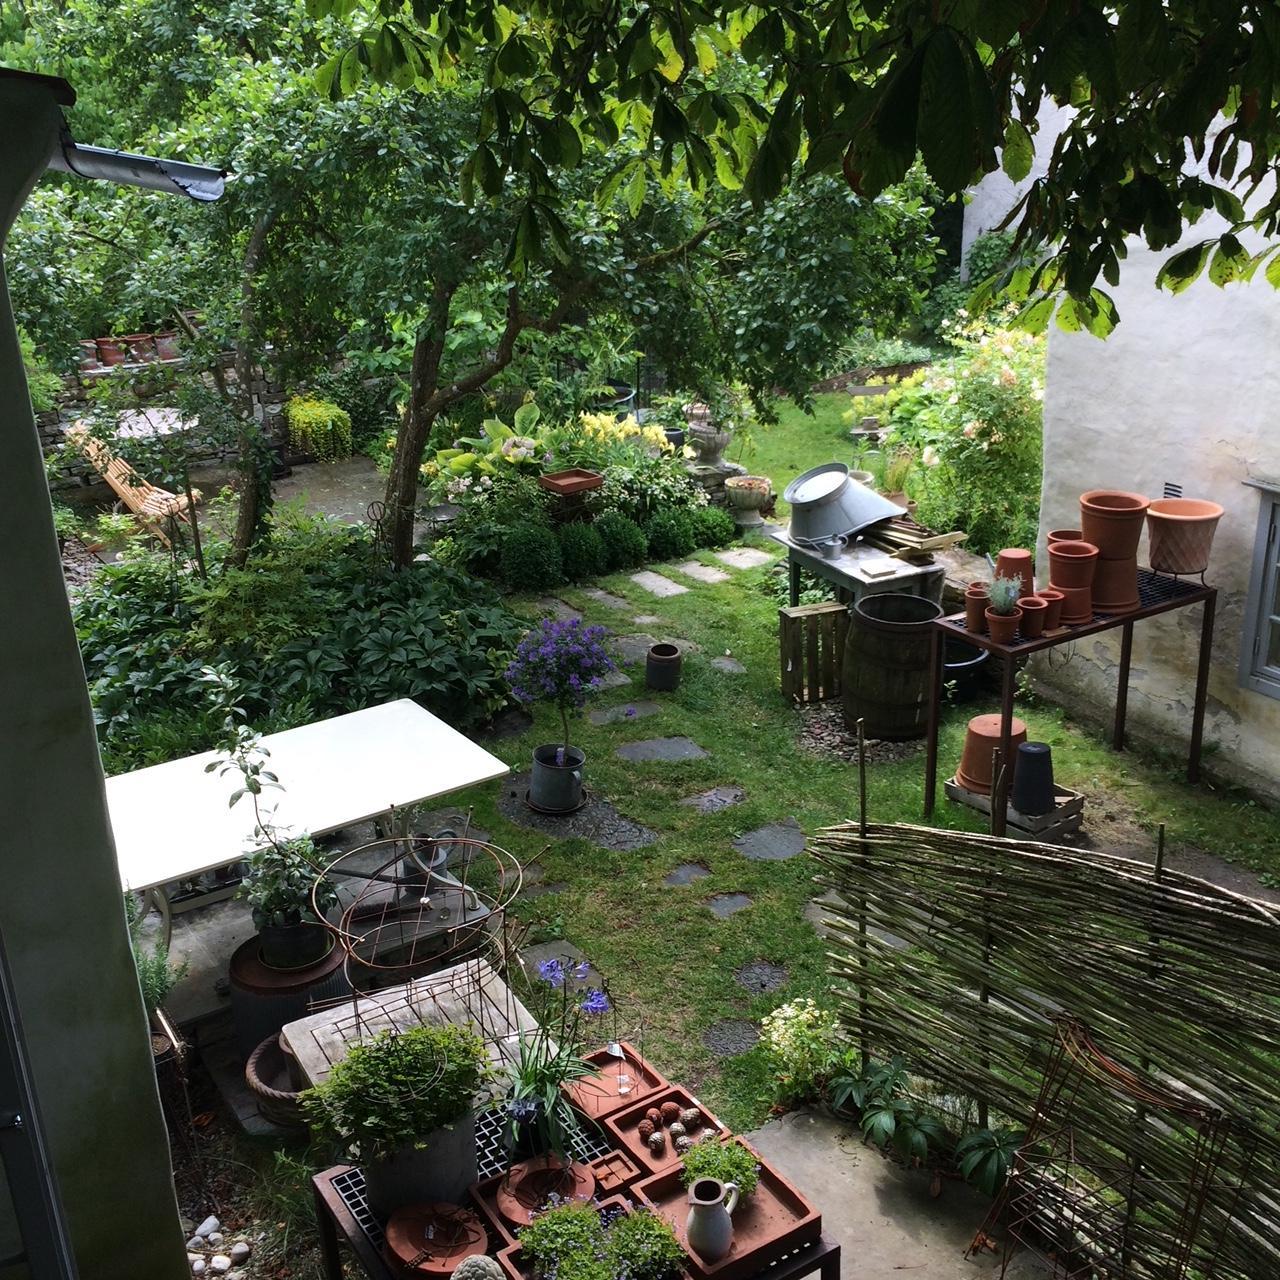 Mycket grön inspiration hos Verdus veranda i Hablingbo på Gotland.